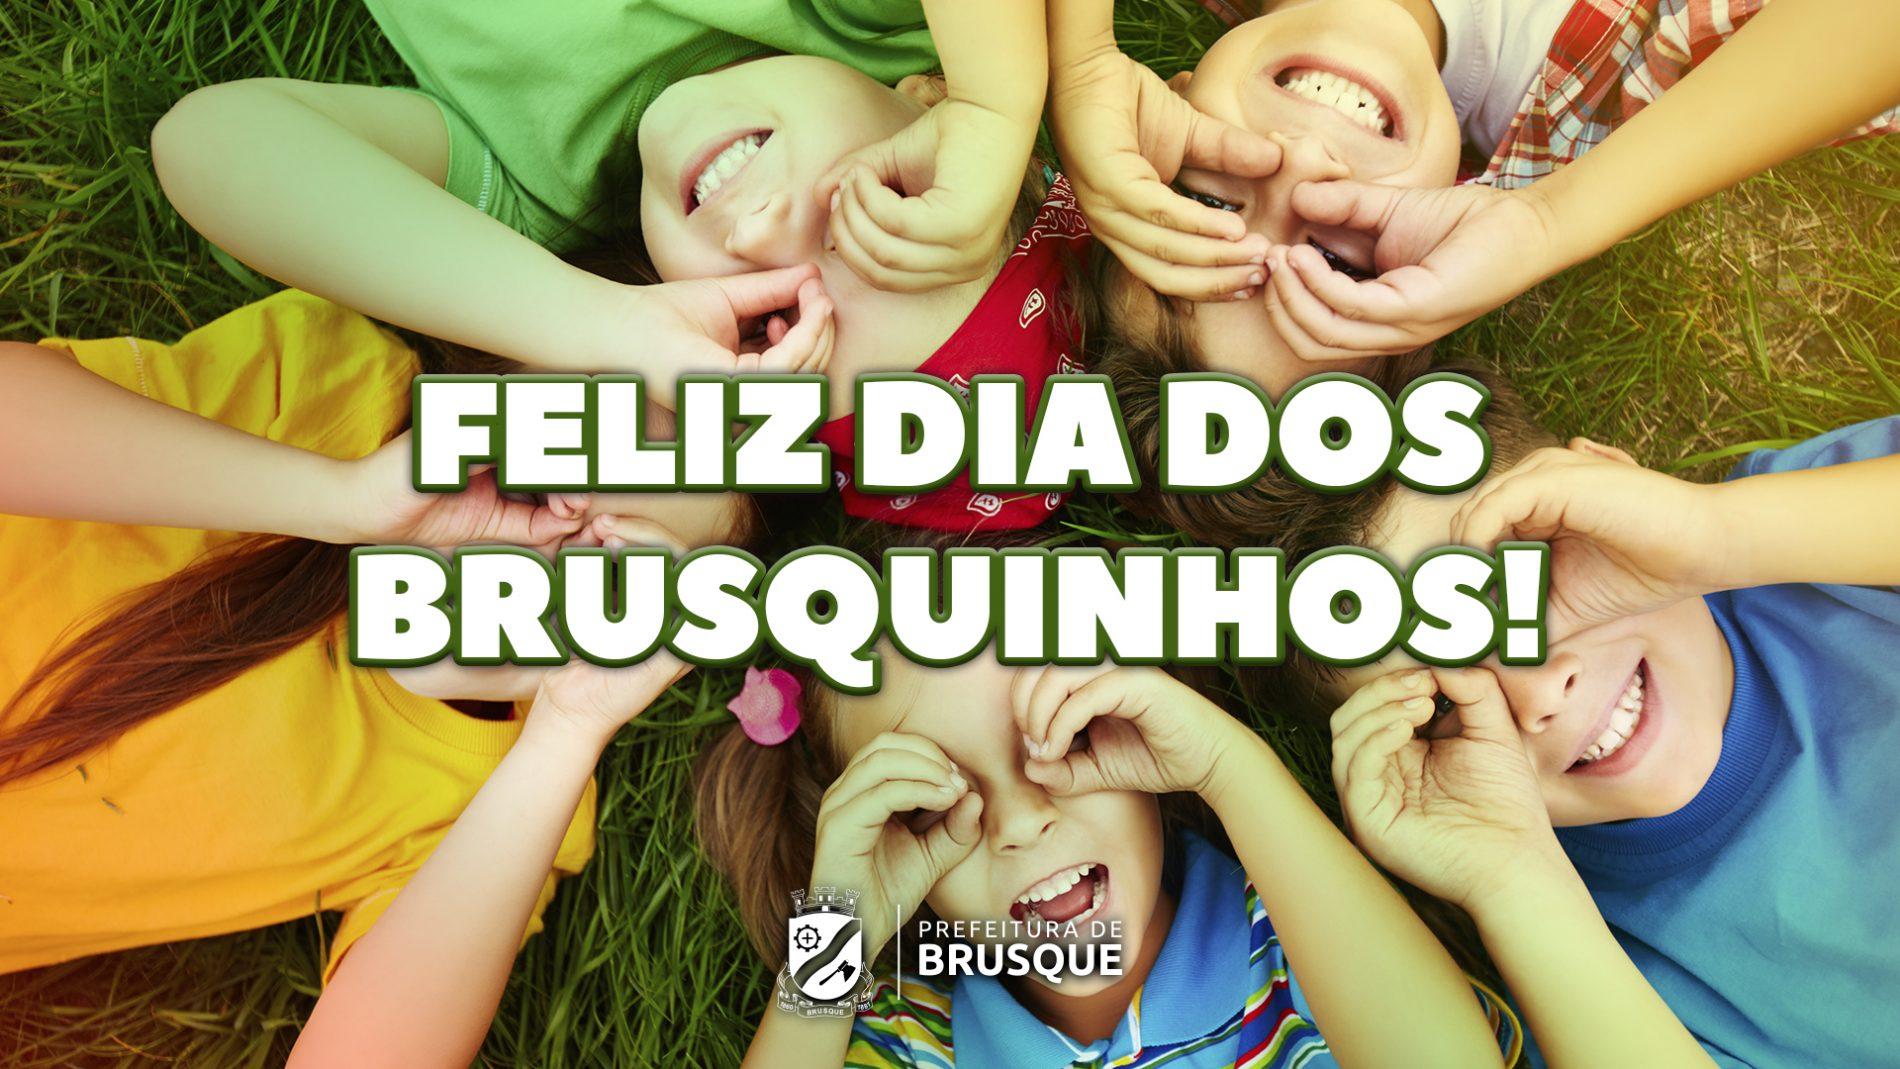 Homenagem de Brusque às crianças!